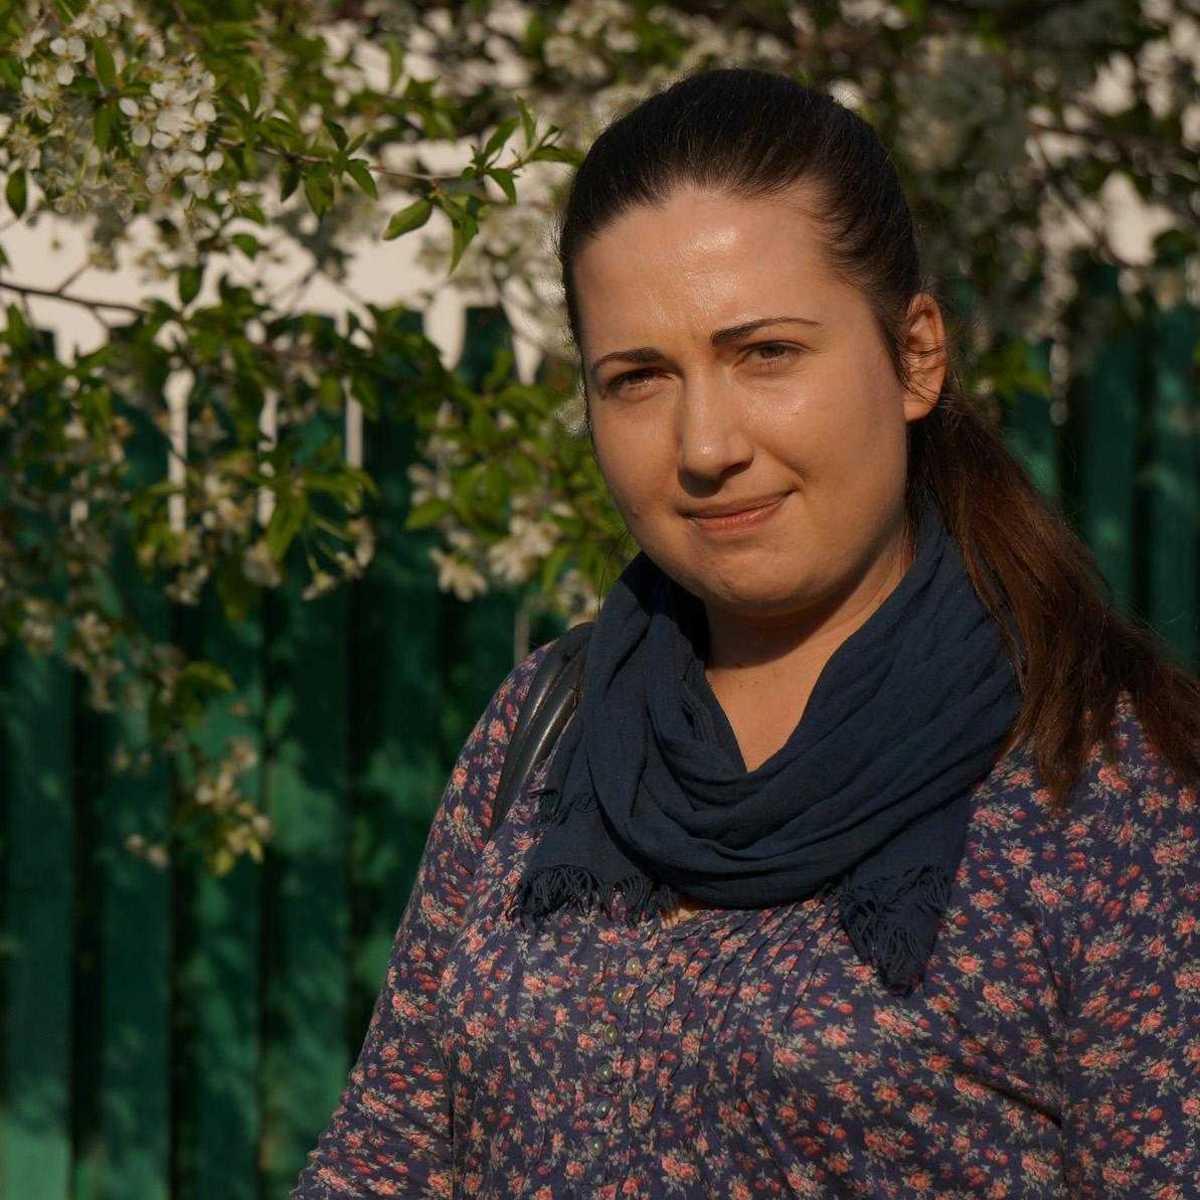 Tania Palaiciuc, die Sozialarbeiterin ist in Moldawien geblieben